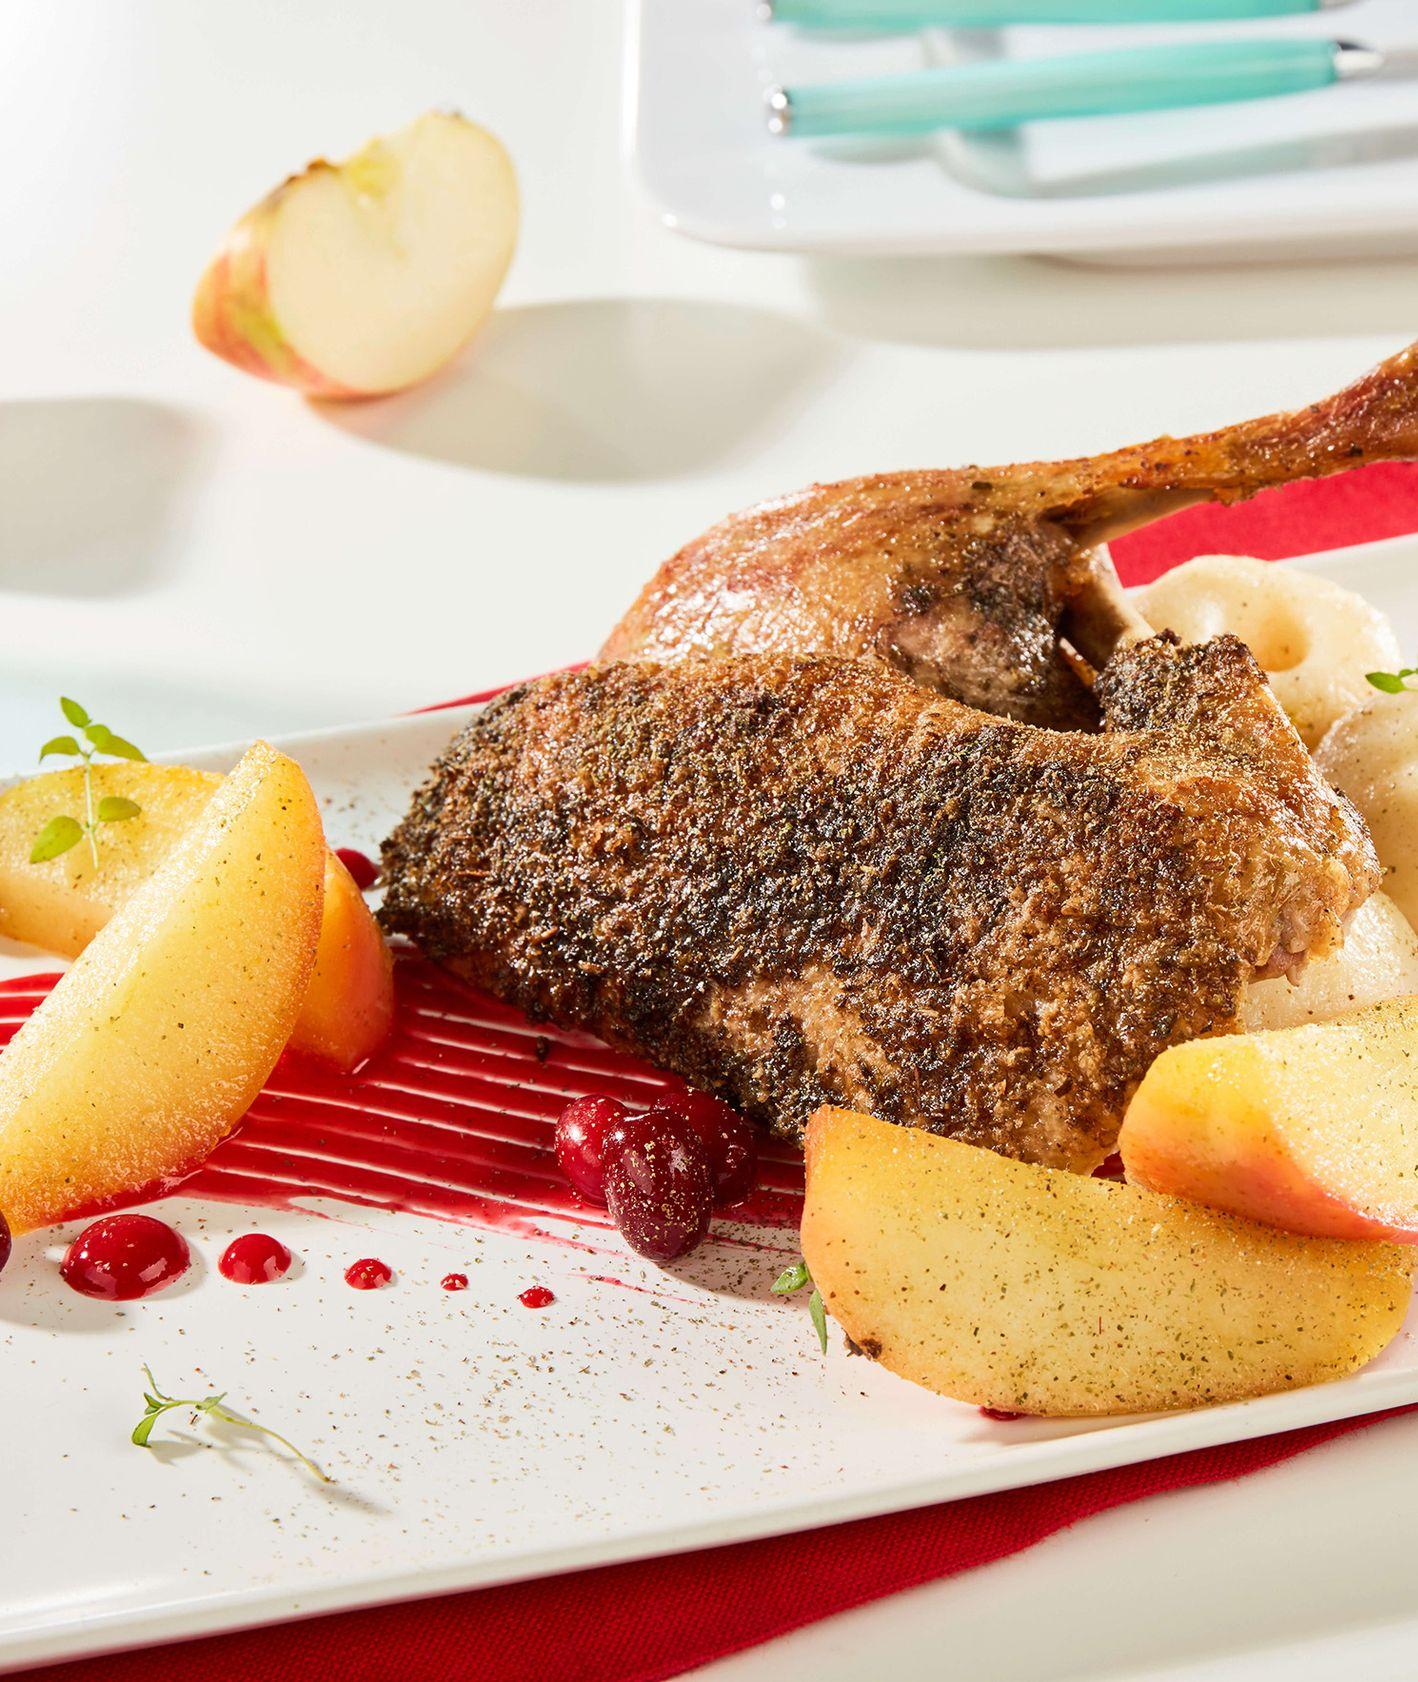 Kaczka w majeranku z karmelizowanymi jabłkami grójeckimi, puree buraczanym i kluskami śląskimi, makro